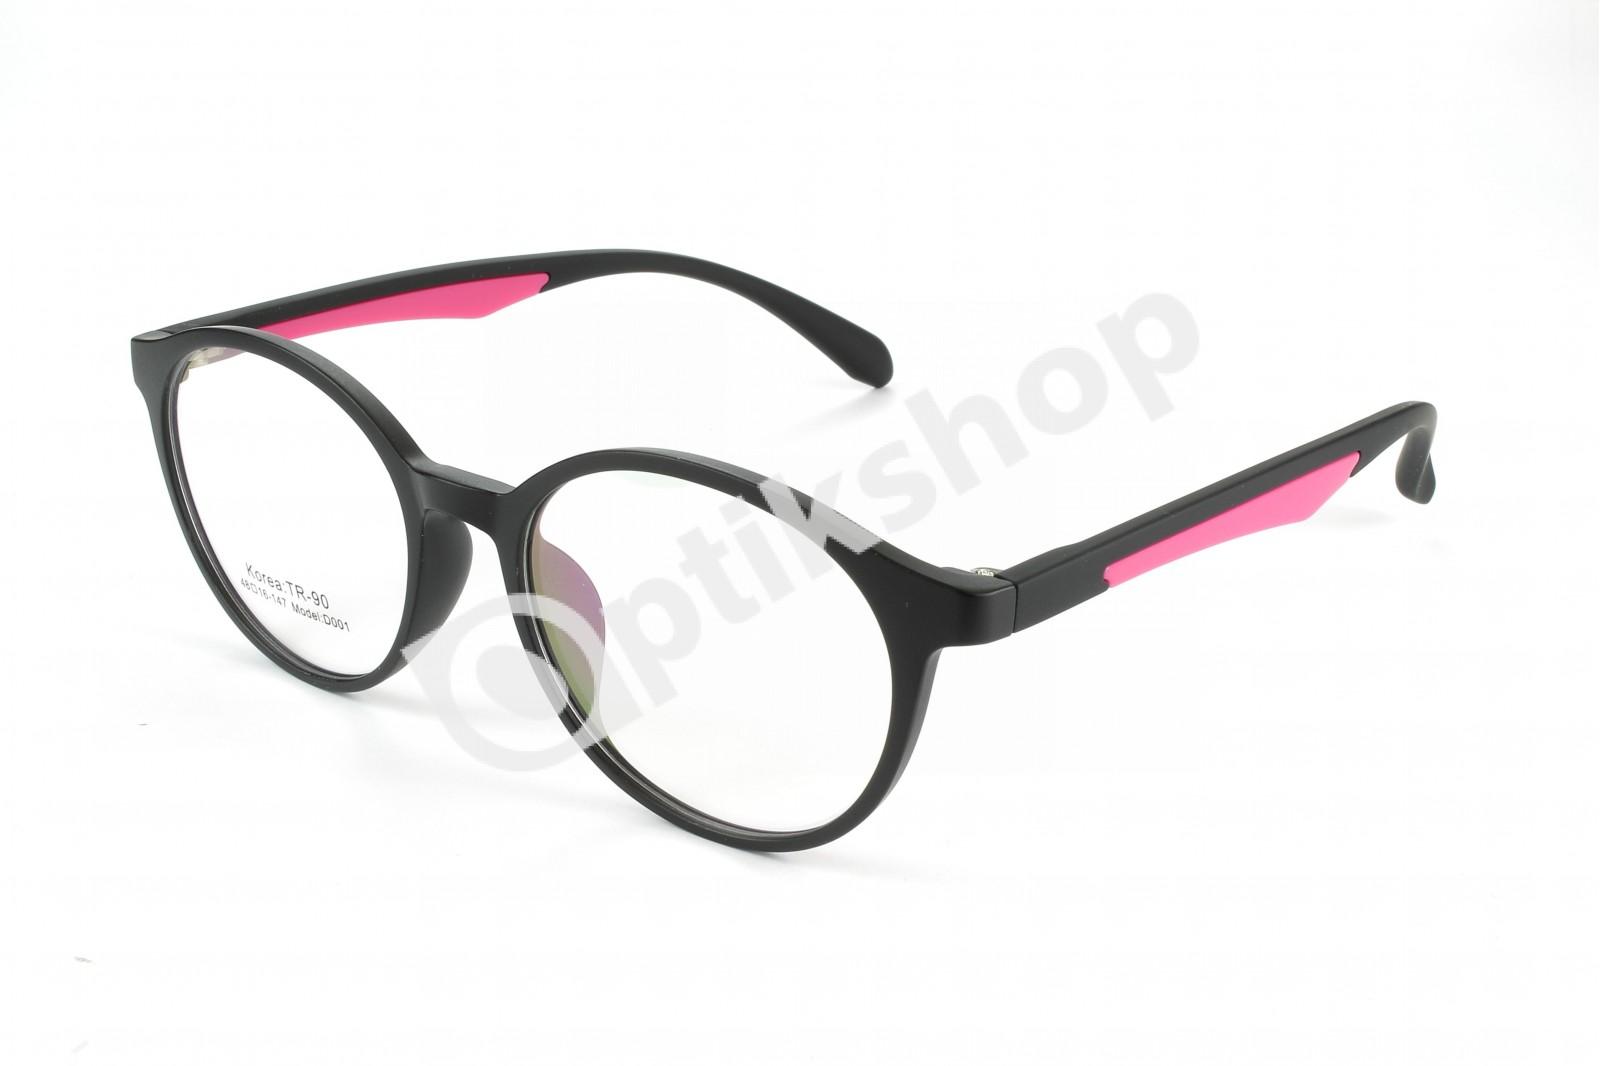 Ügyeljen rá, hogy megfelelő szemüveget használjon!